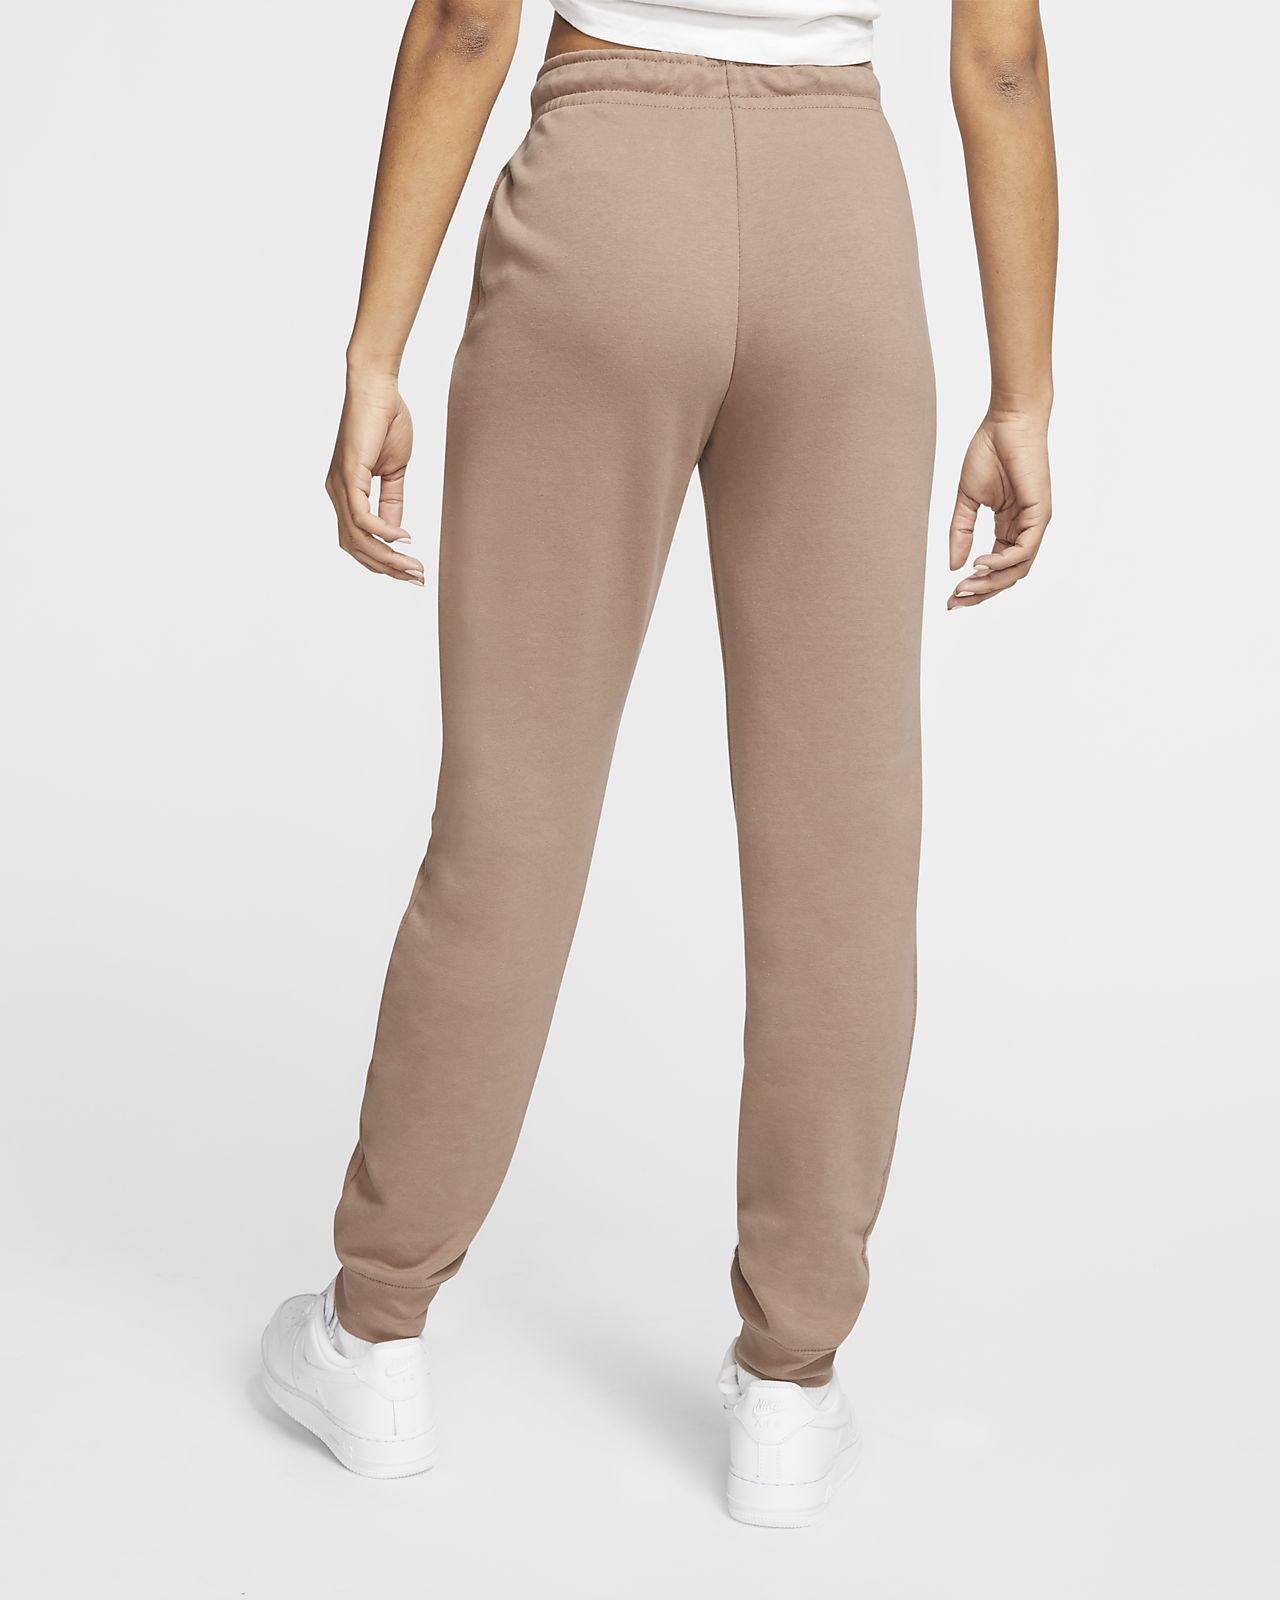 pantaloni nike fitness donna